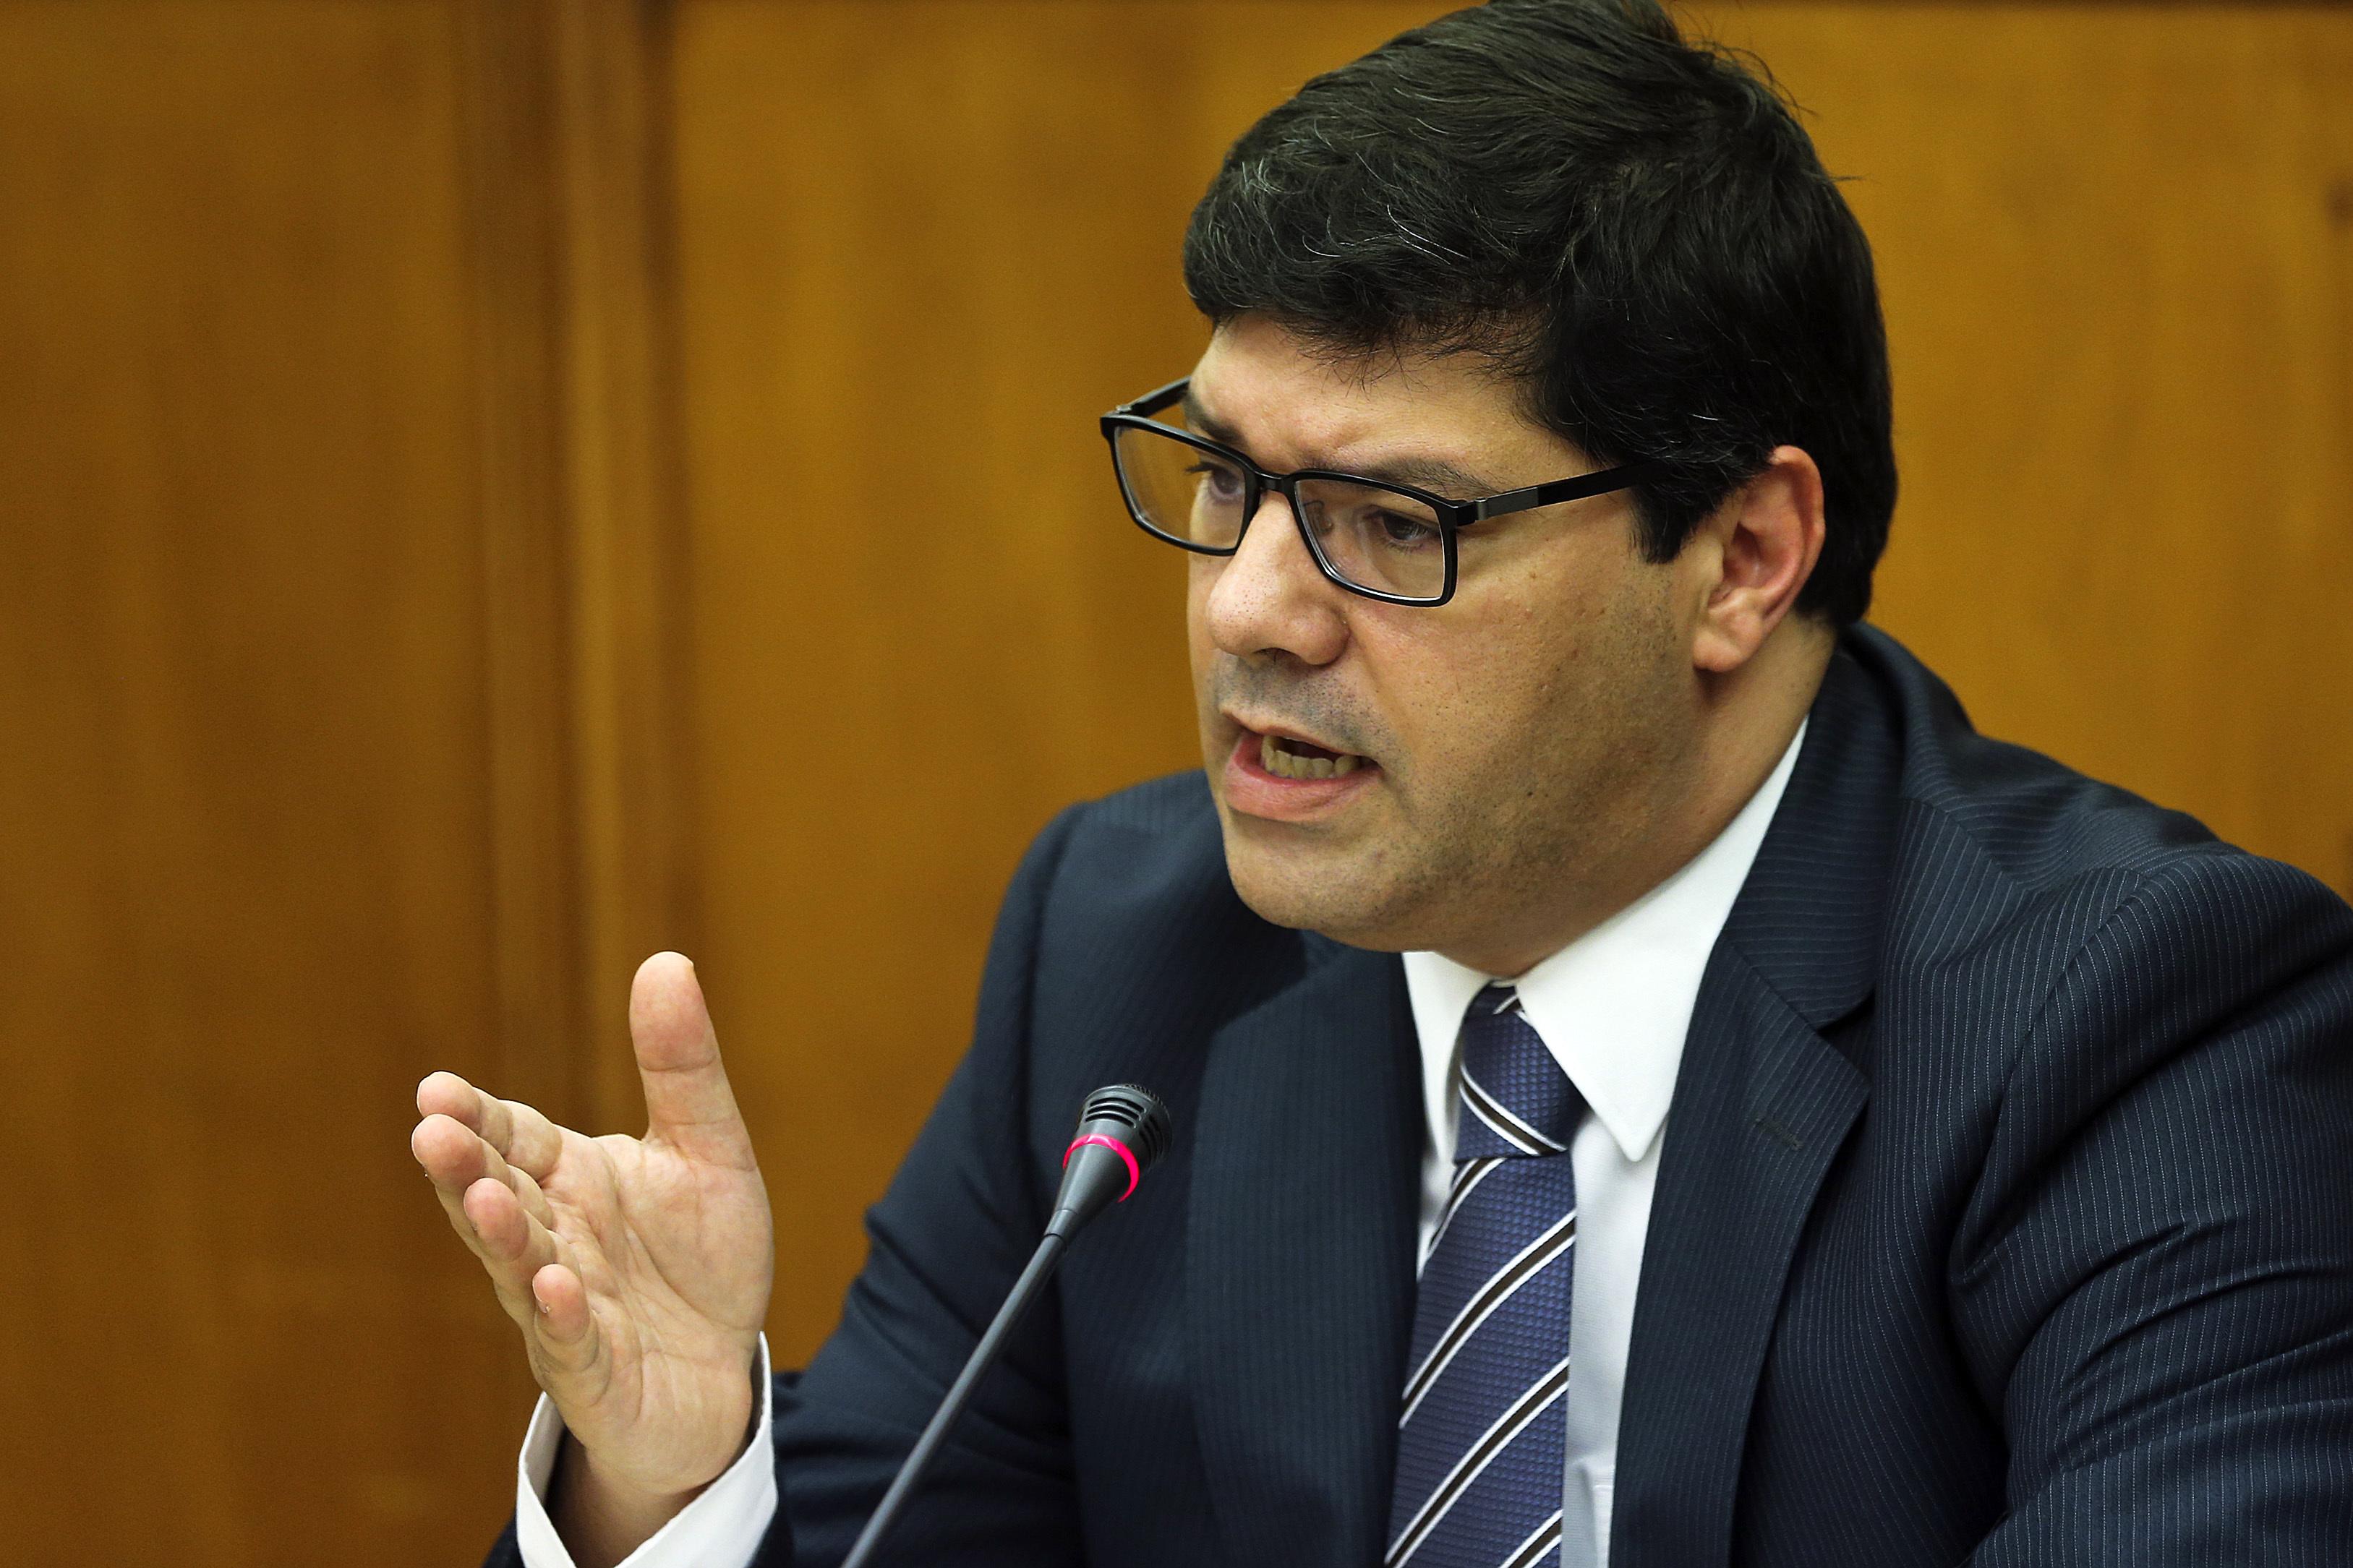 Responsabilidade de Núncio comprova negligência de executivo PSD/CDS -- PS